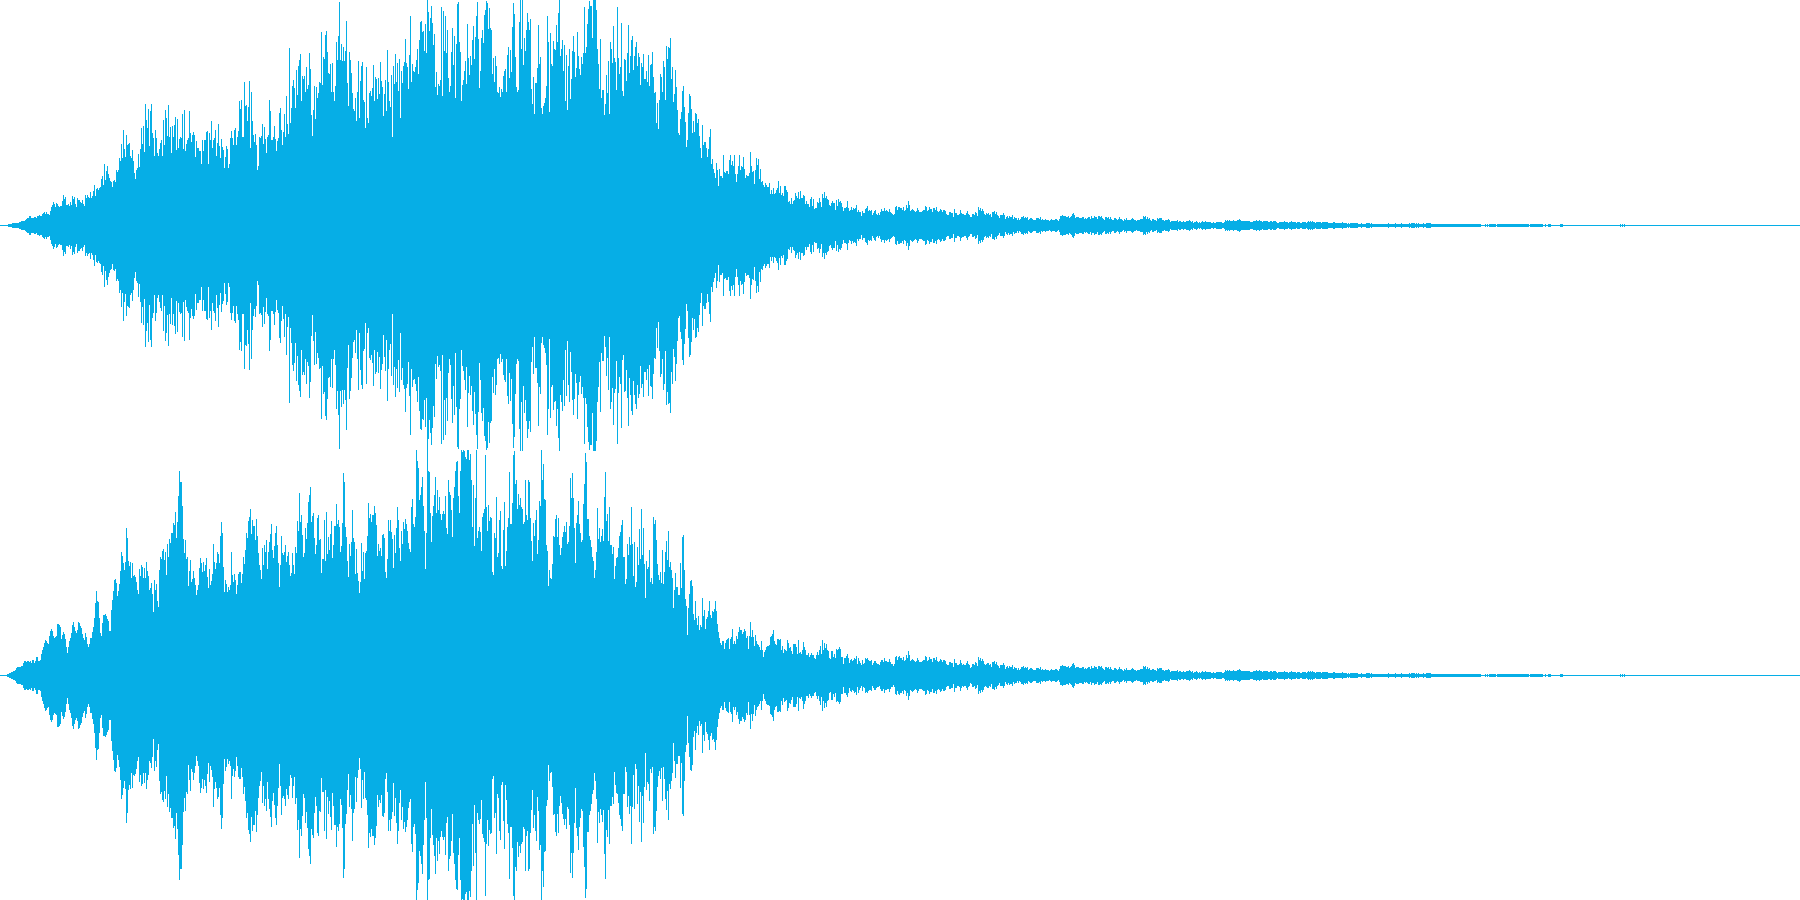 ふわふわ、シャラララと広がるような音の再生済みの波形